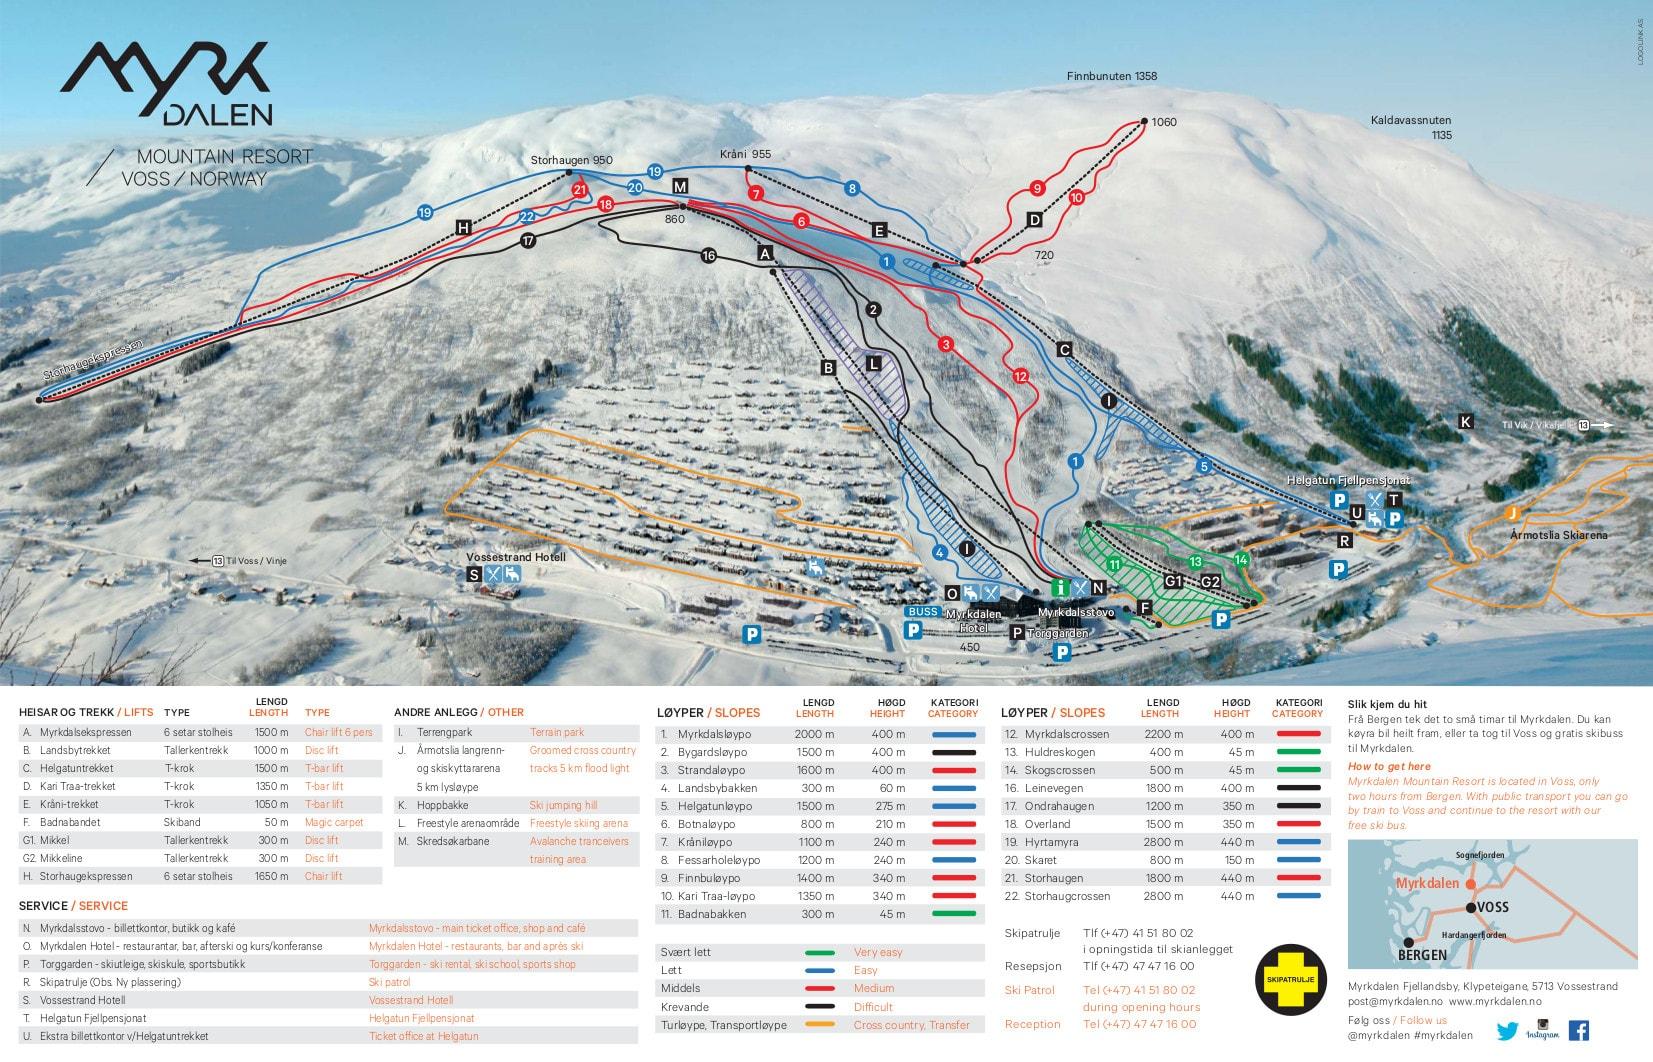 Myrkdalen Piste / Trail Map